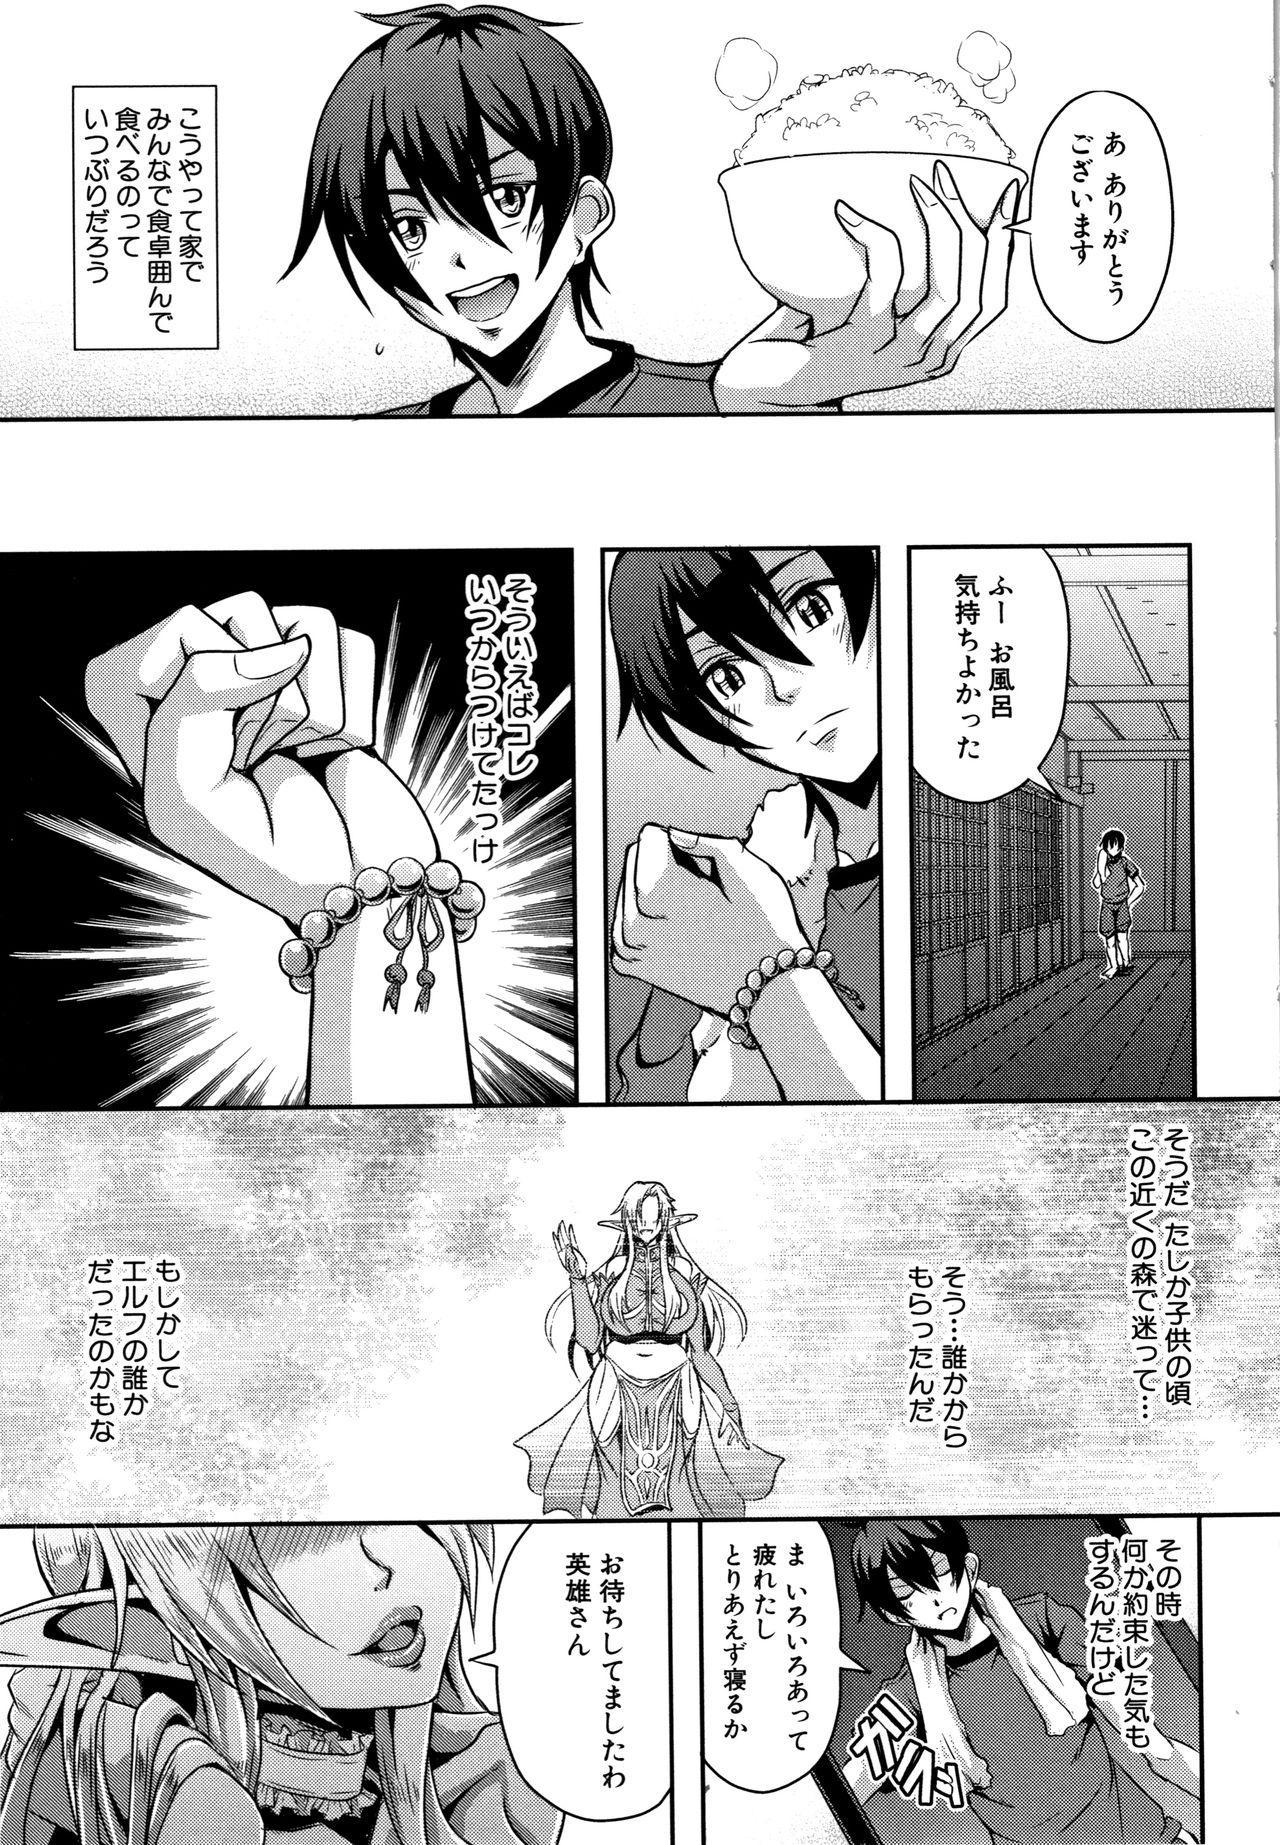 Elf Harem Monogatari - Elf Harem Story 14